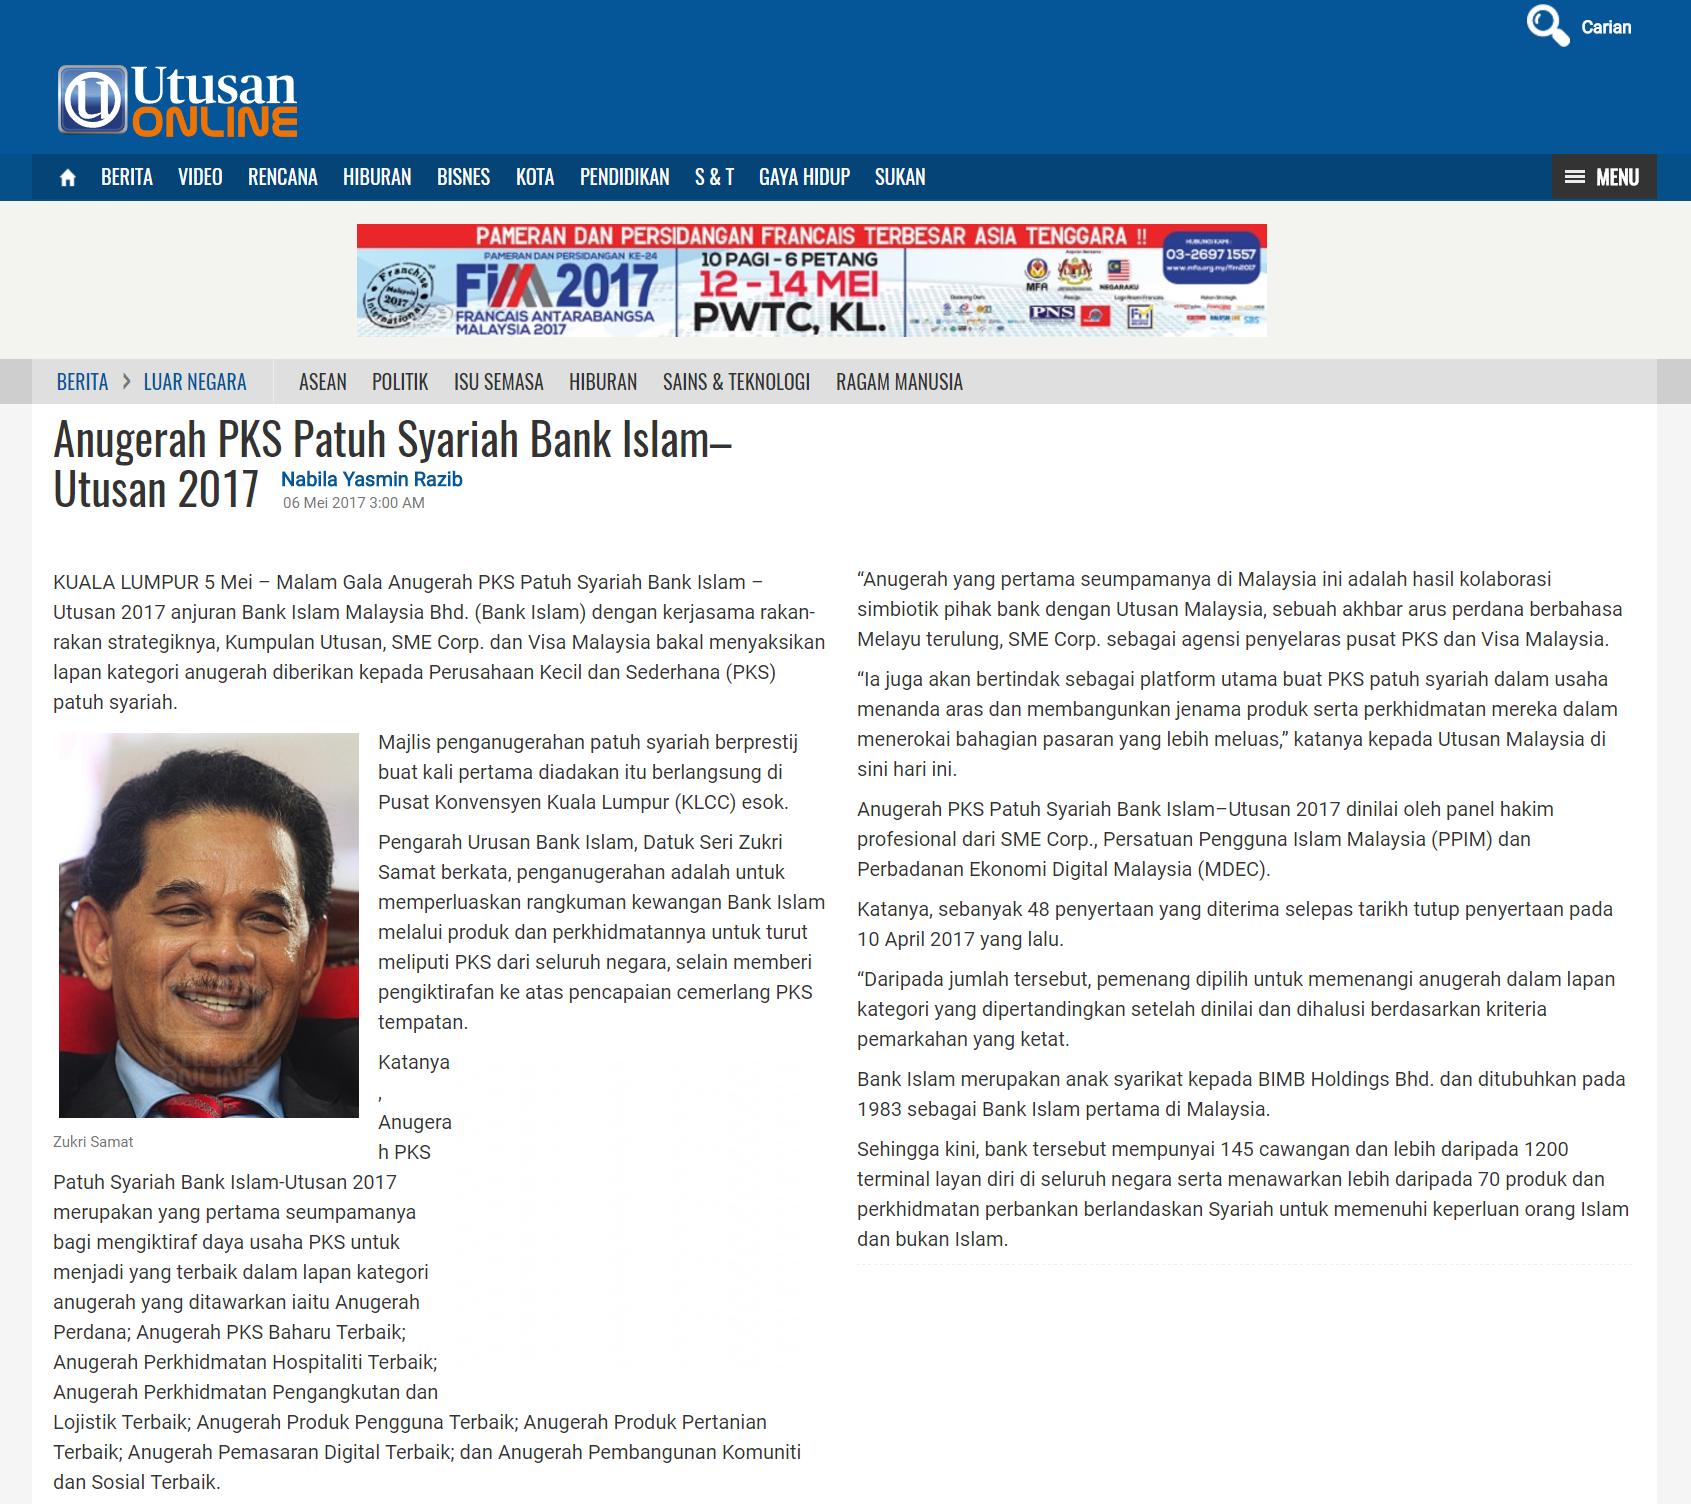 20170505 - Utusan Online - Perbankkan - Anugerah PKS Patuh Syariah Bank Islam